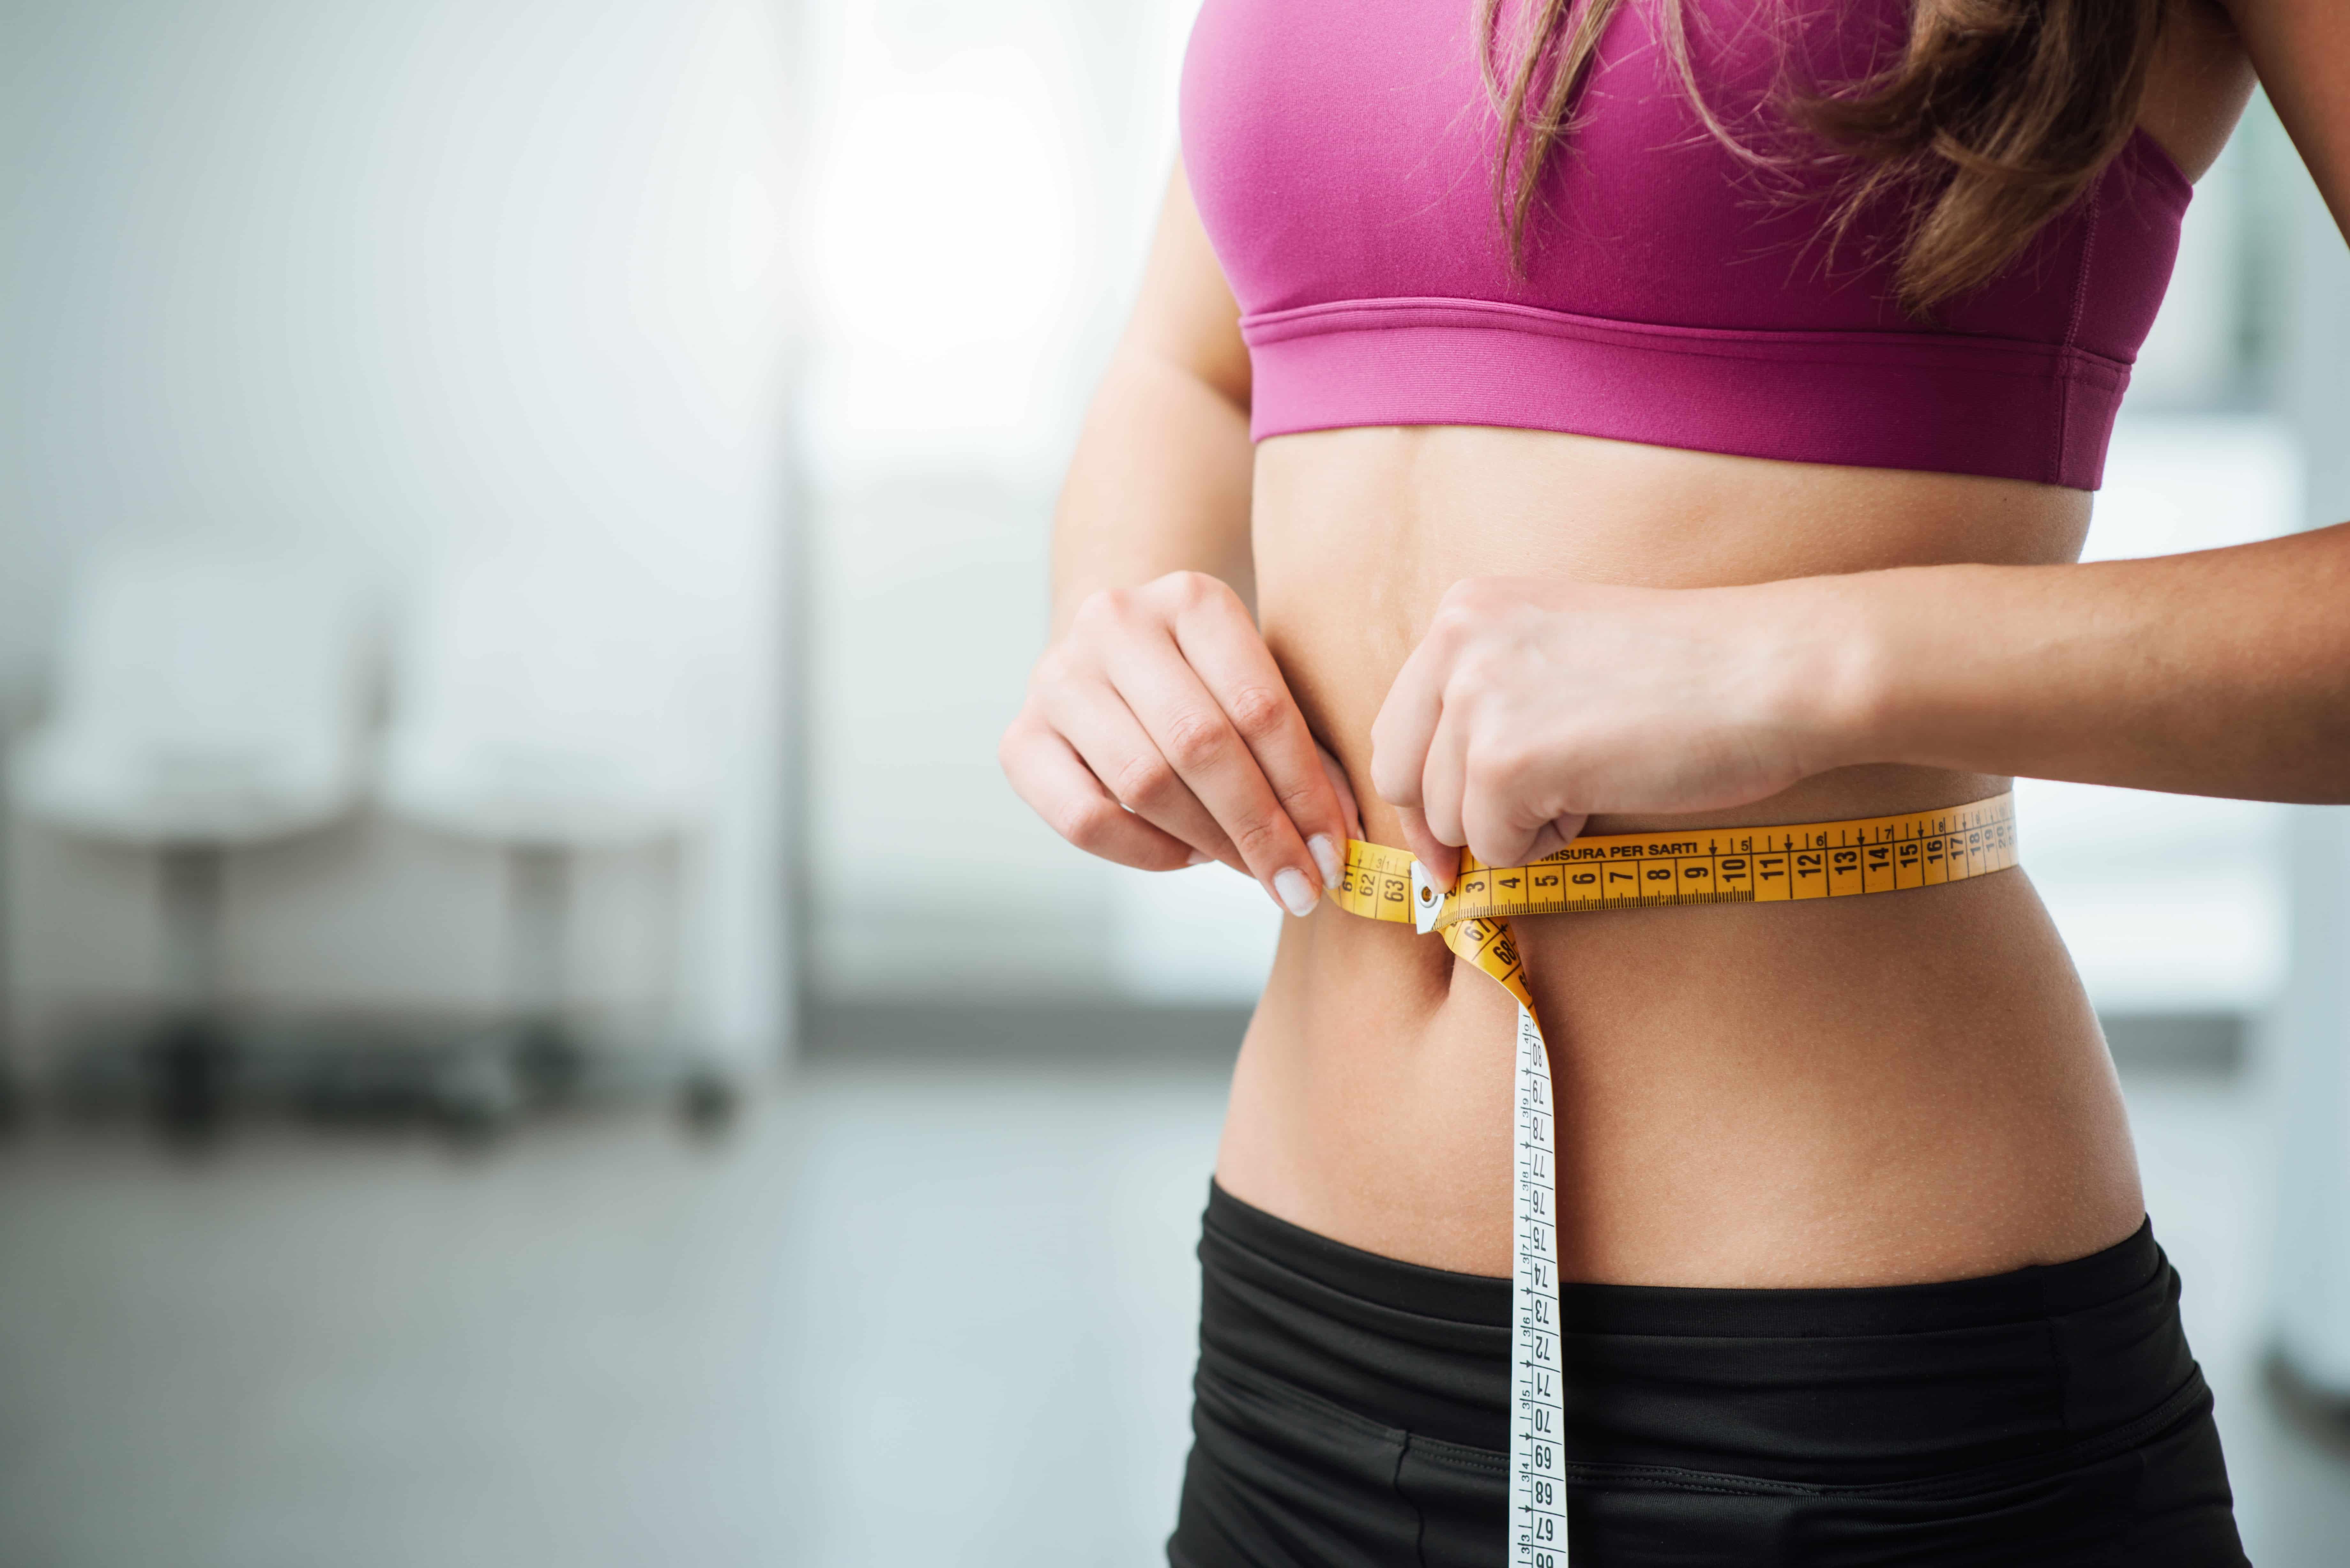 Kobieta z płaskim brzuchem mierząca obwód talii.